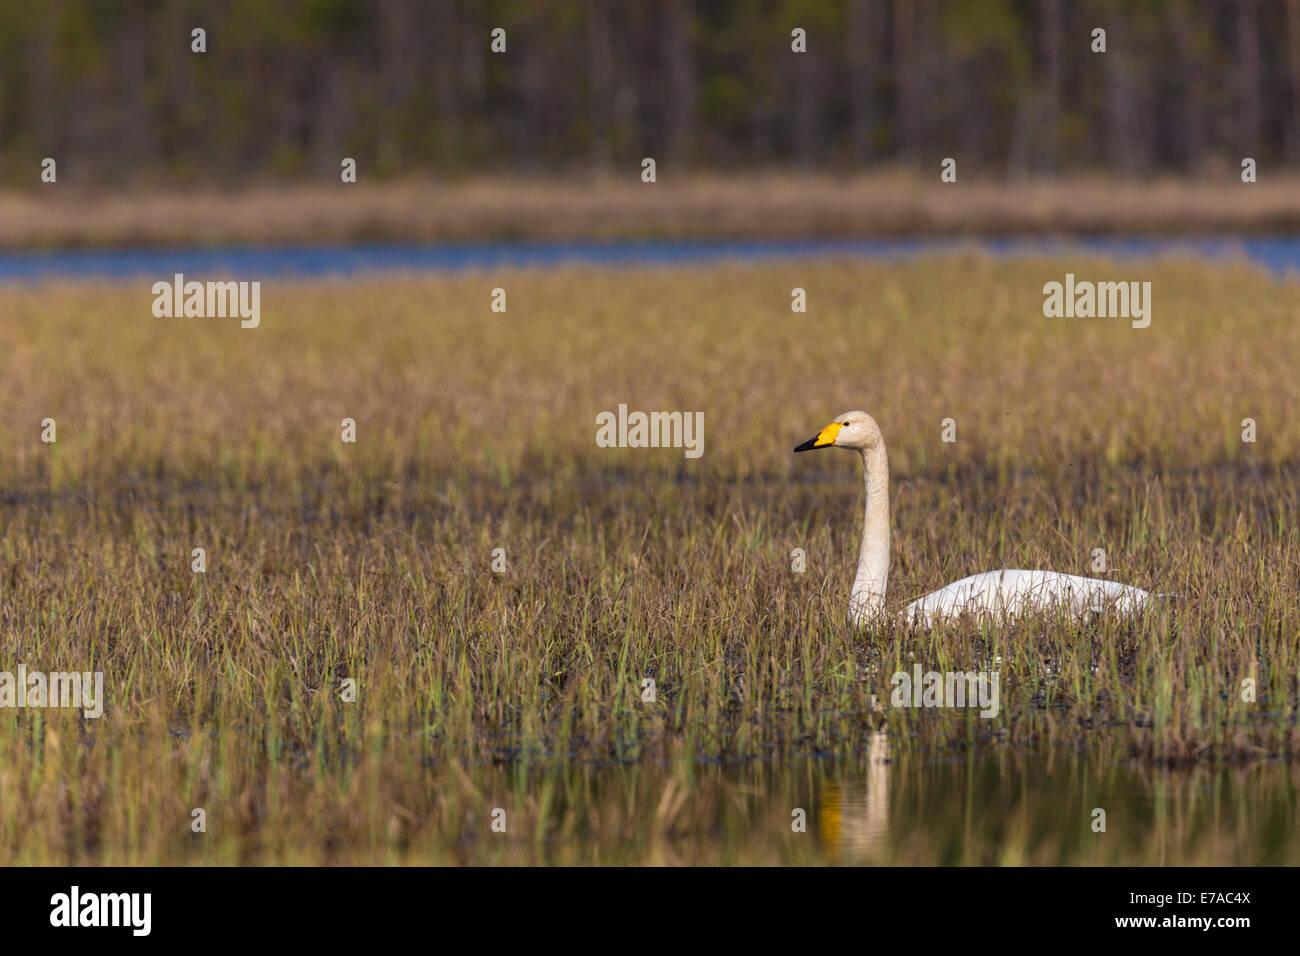 Whooper swan, Cygnus cygnus, giacente in appoggio in erba in una palude Immagini Stock